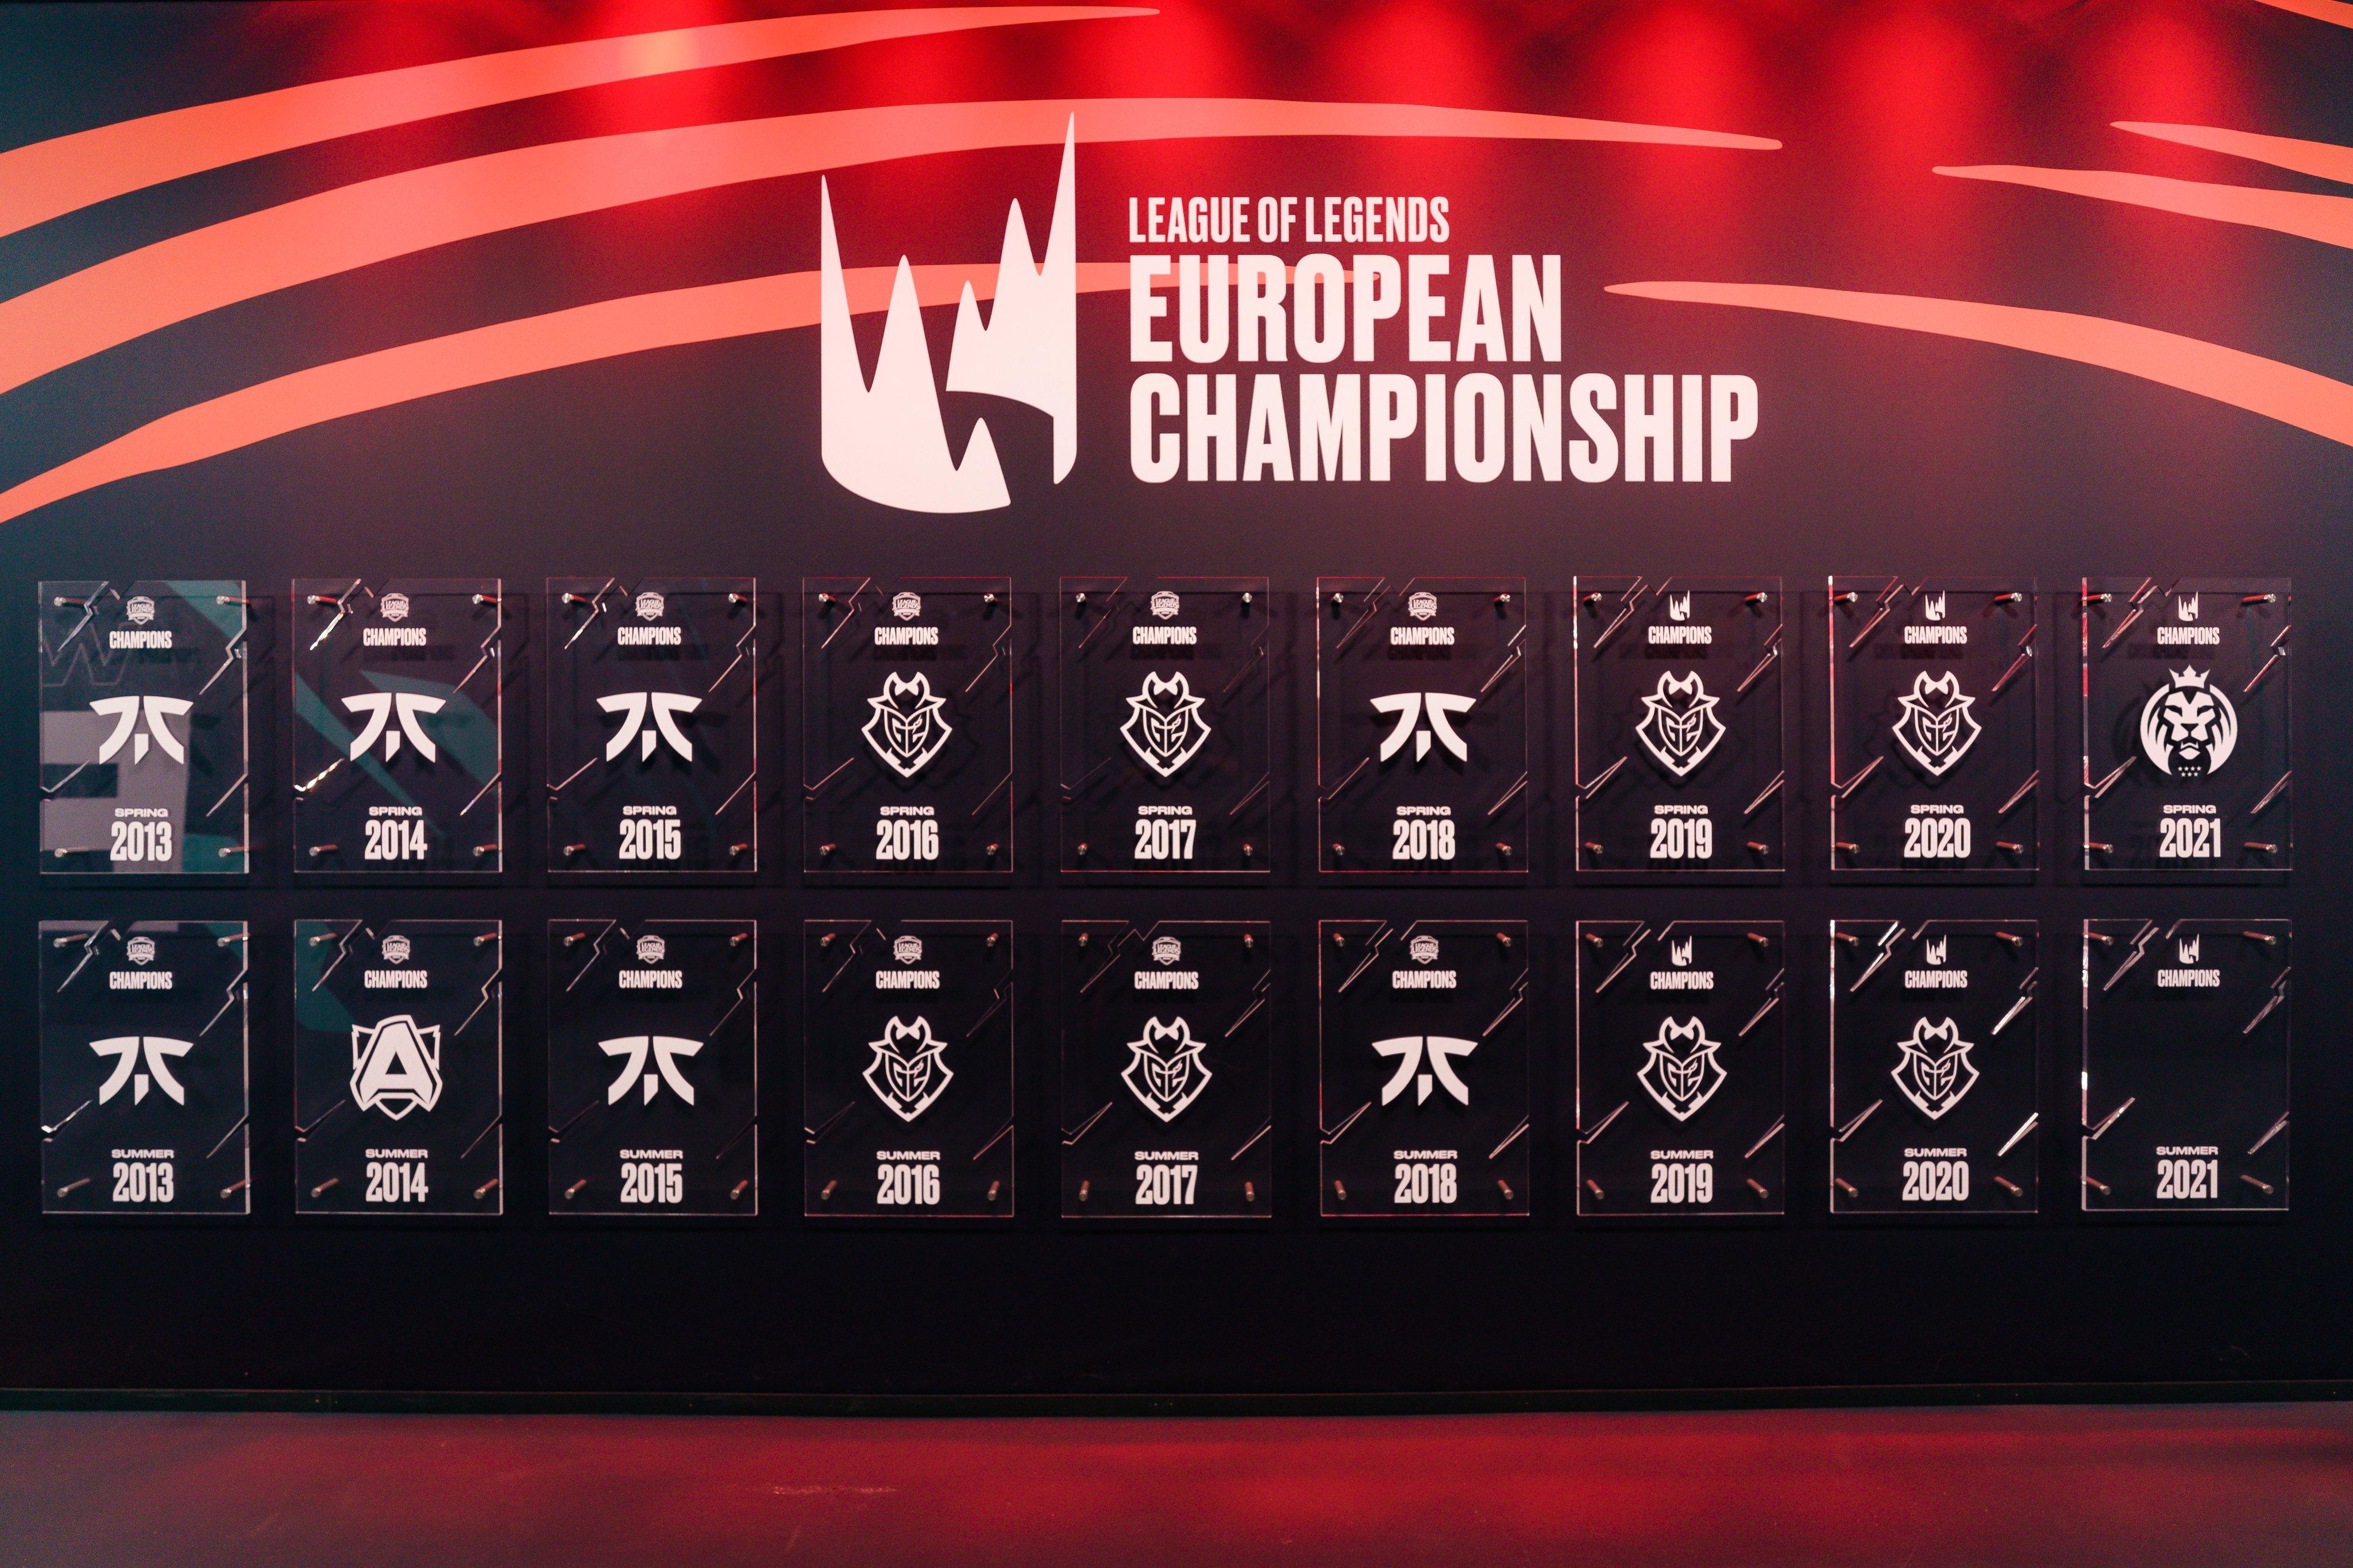 MAD Lions Campeón de la LEC 2021 - Somos Loleros